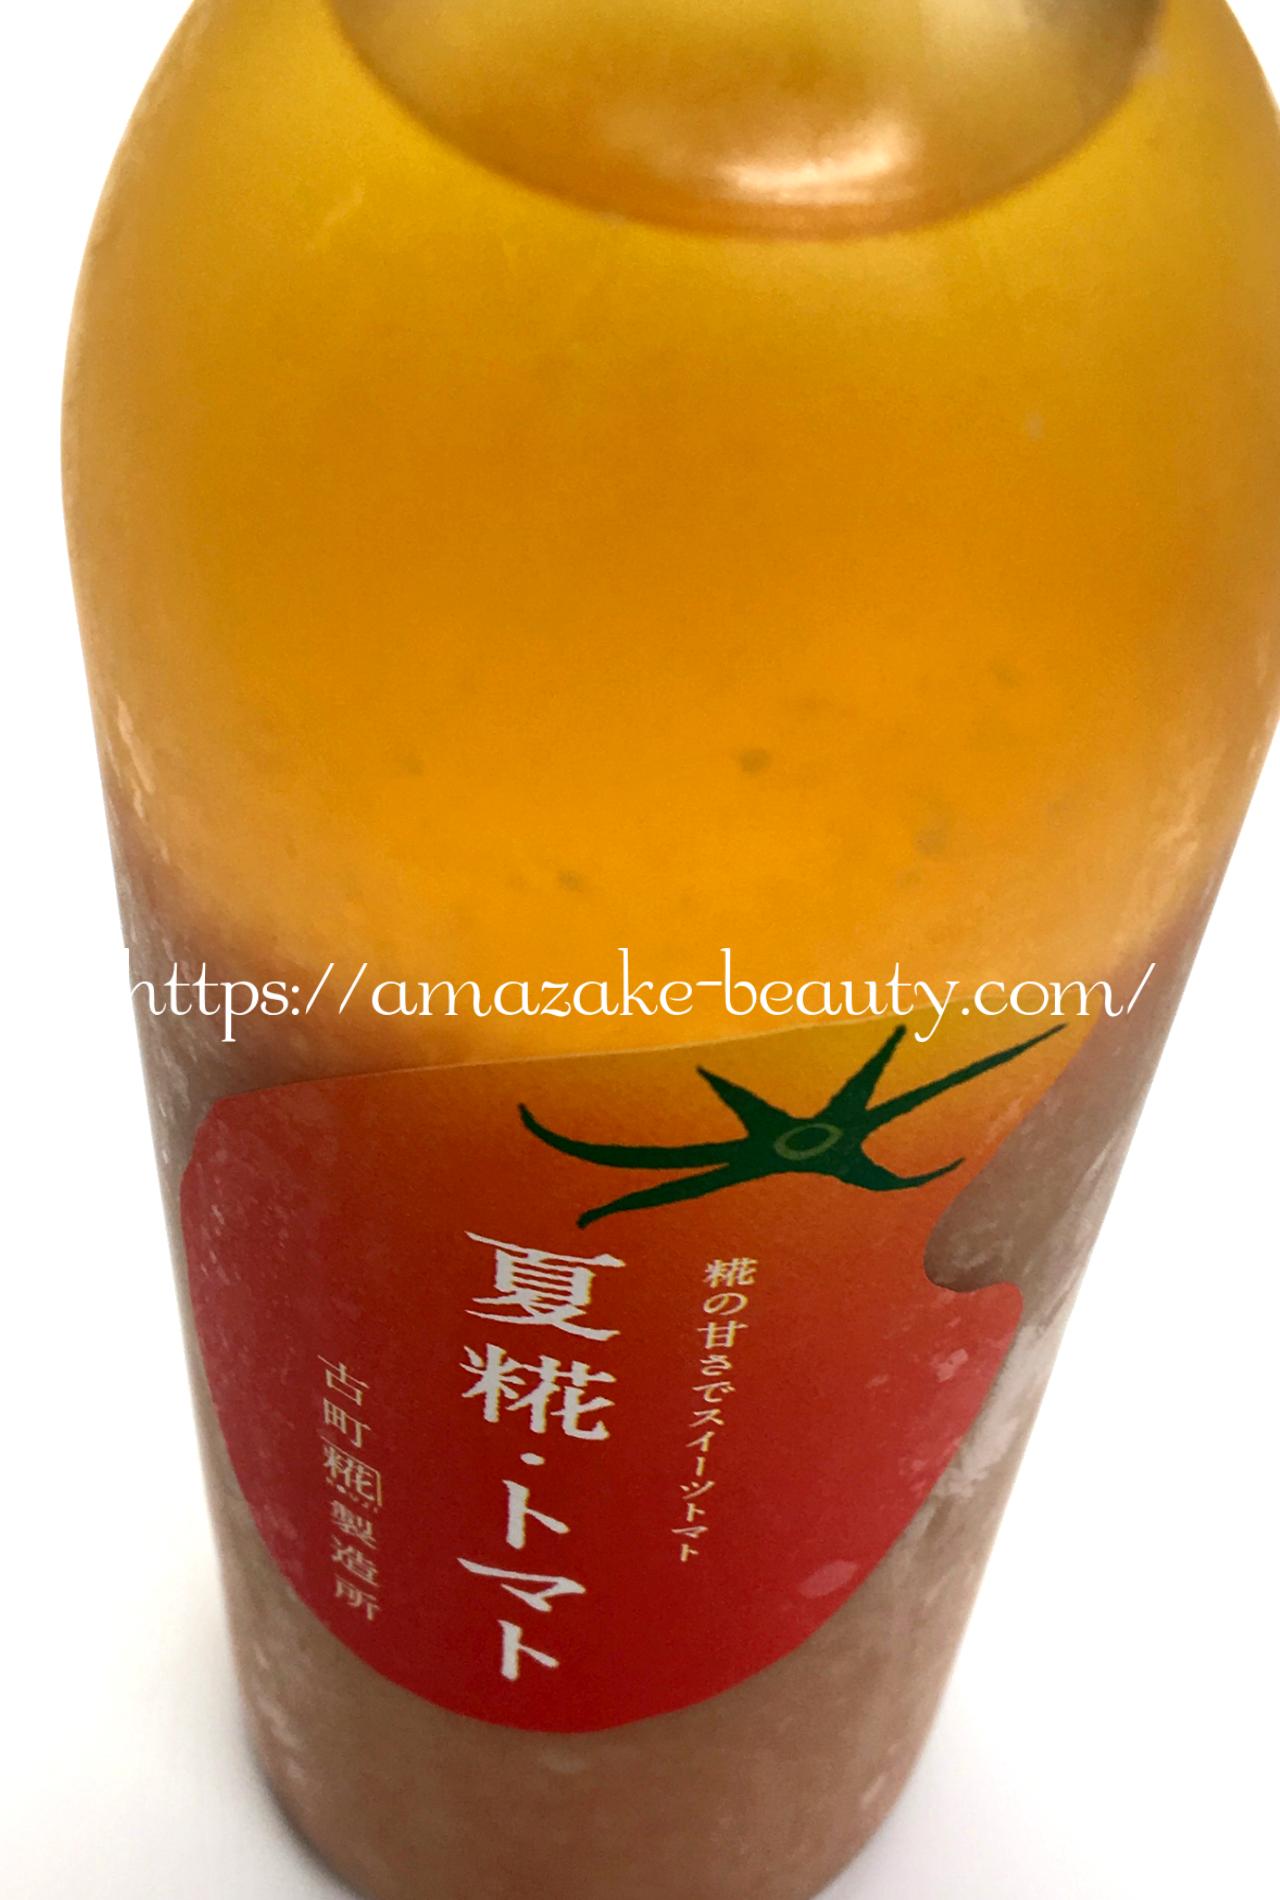 [amazake]furumachikojiseizosho[natsu kojii・tomato](review)